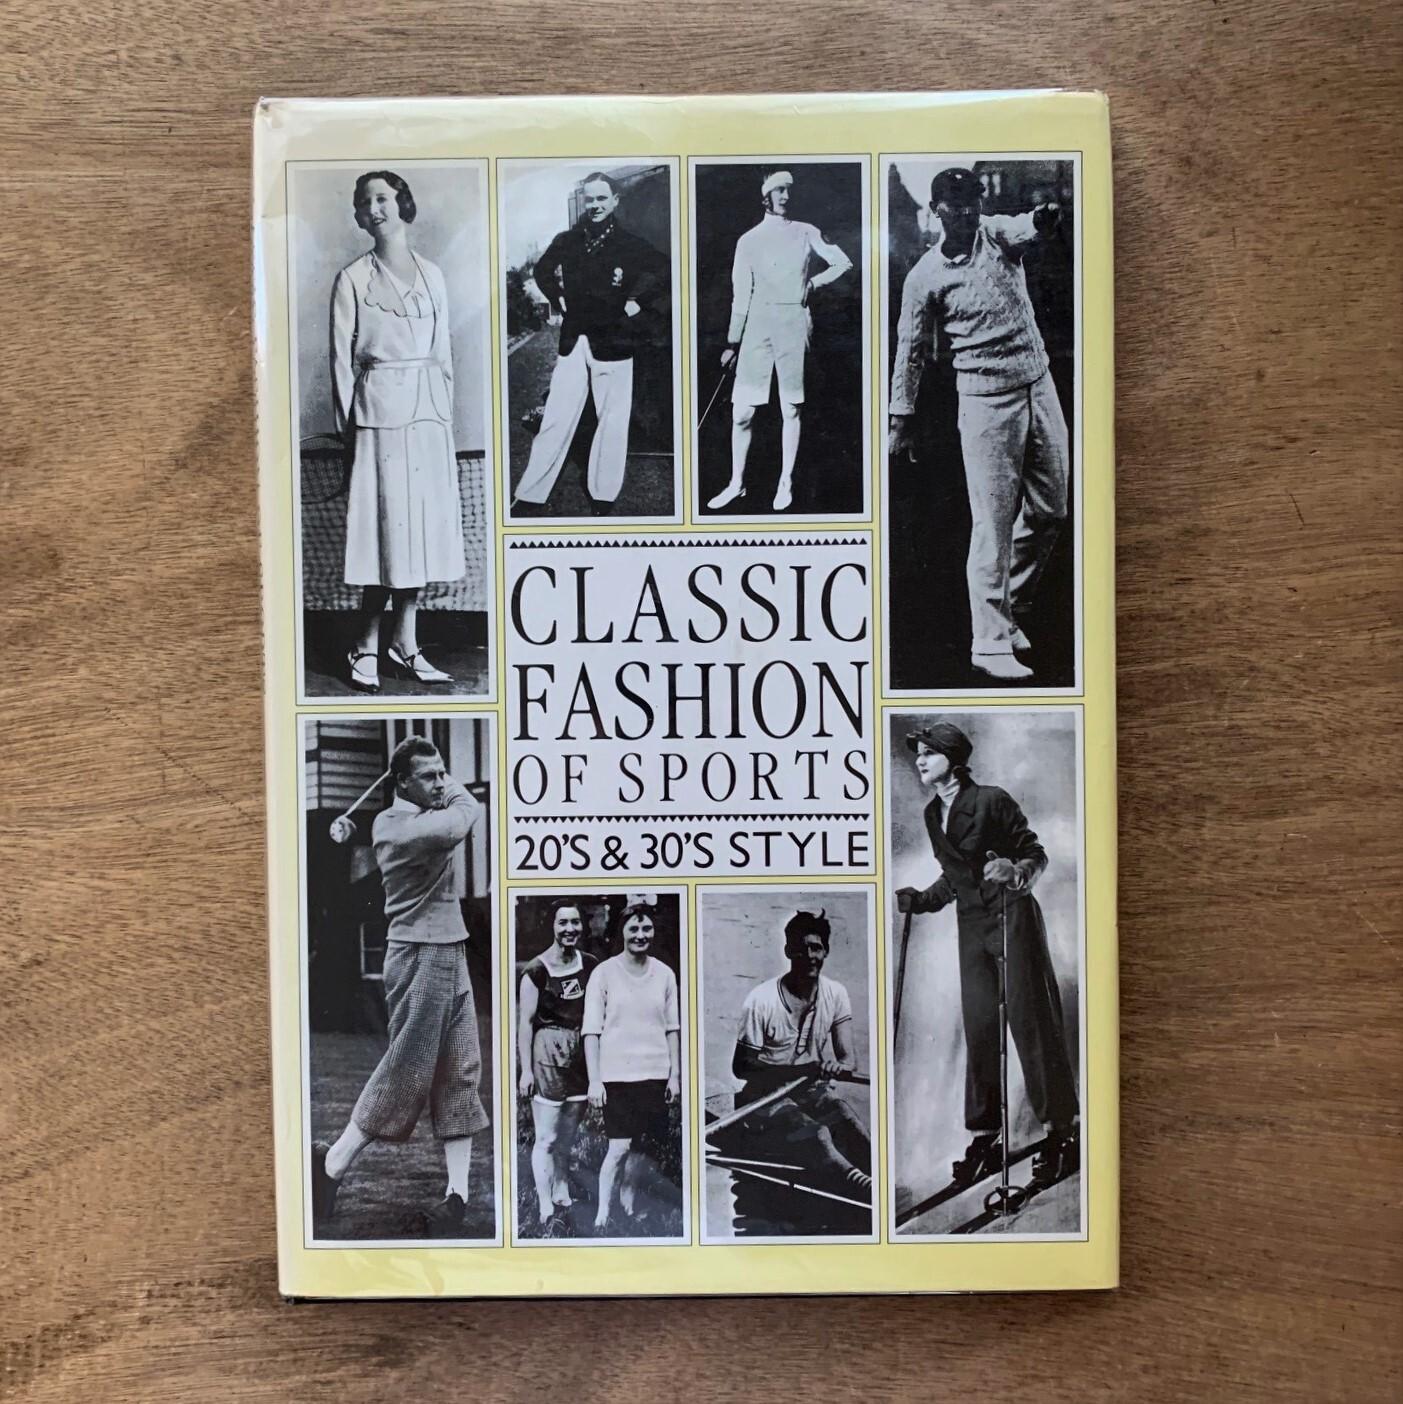 クラシック・ファッション・オブ・スポーツ / ピエブックス 1988